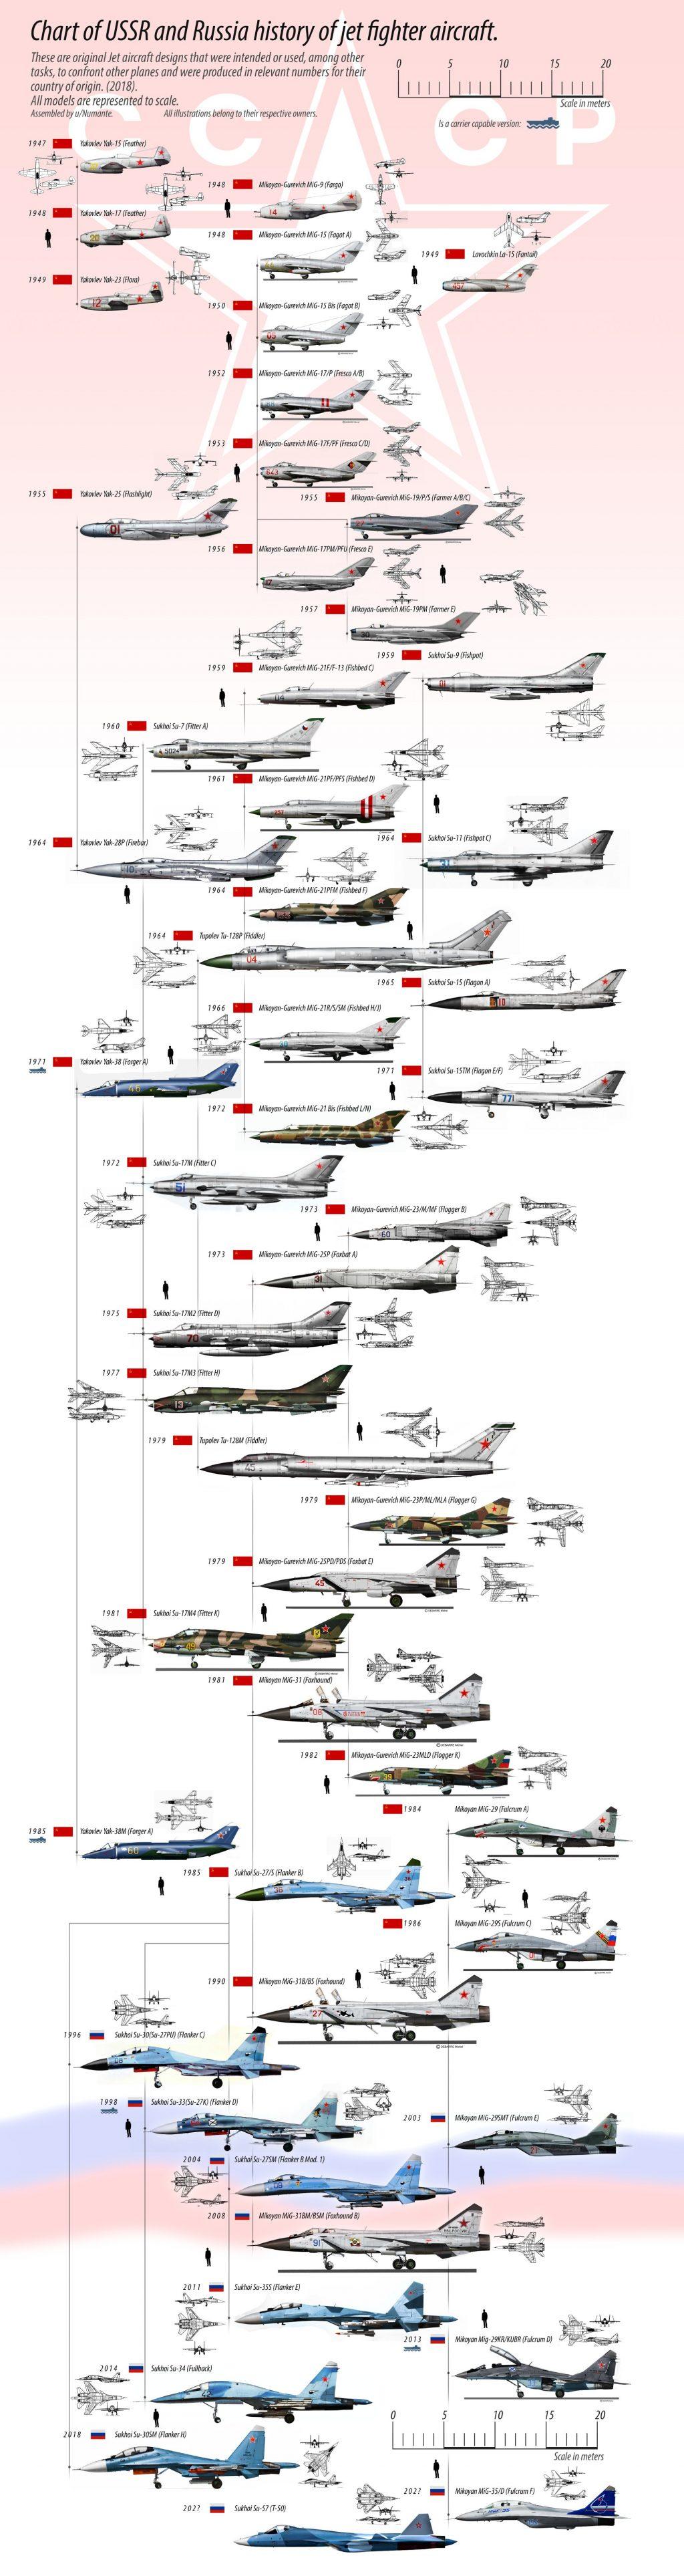 Clique no infográfico para ampliar